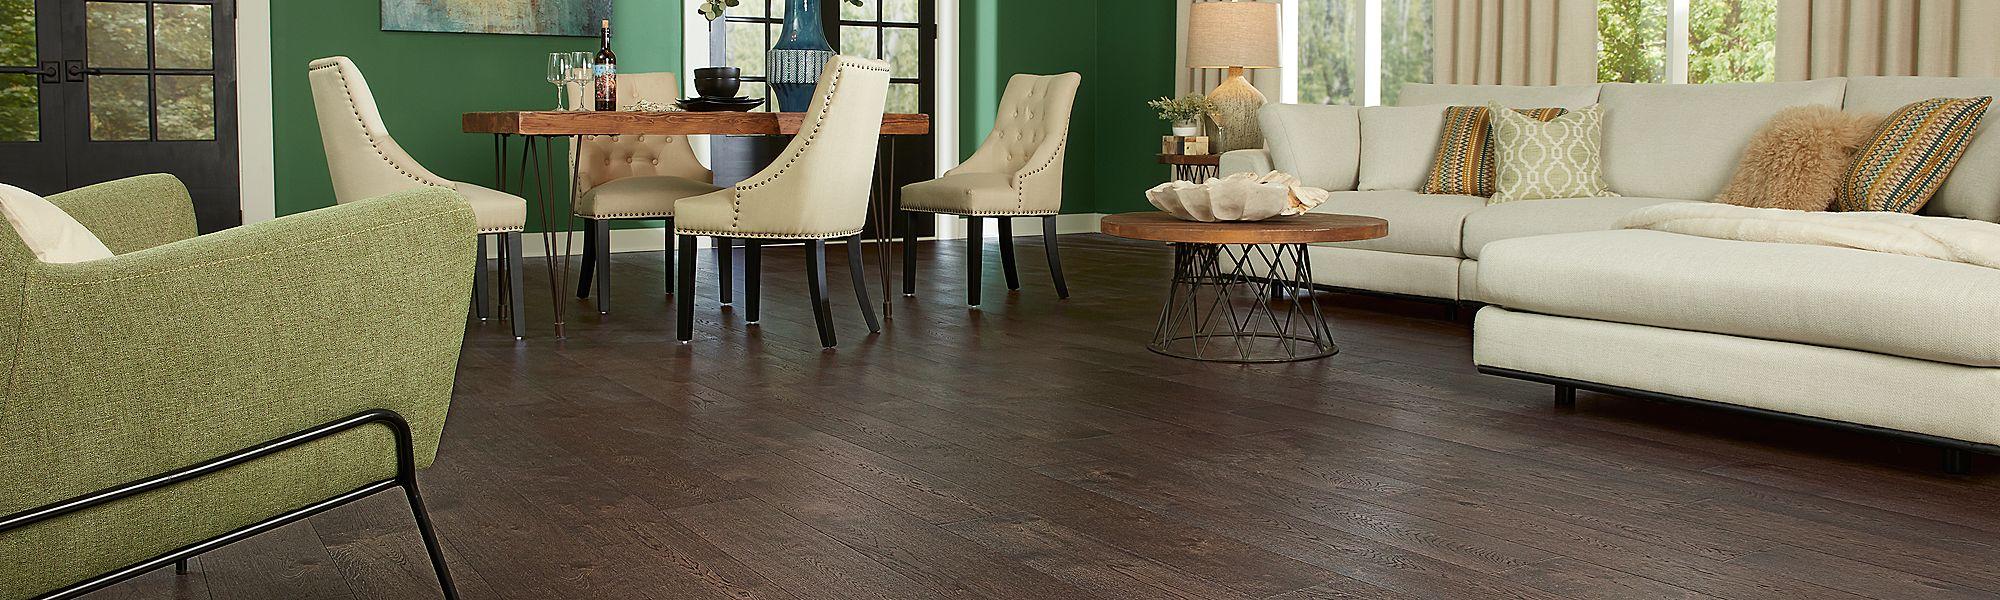 Hardwood Flooring Solid Engineered